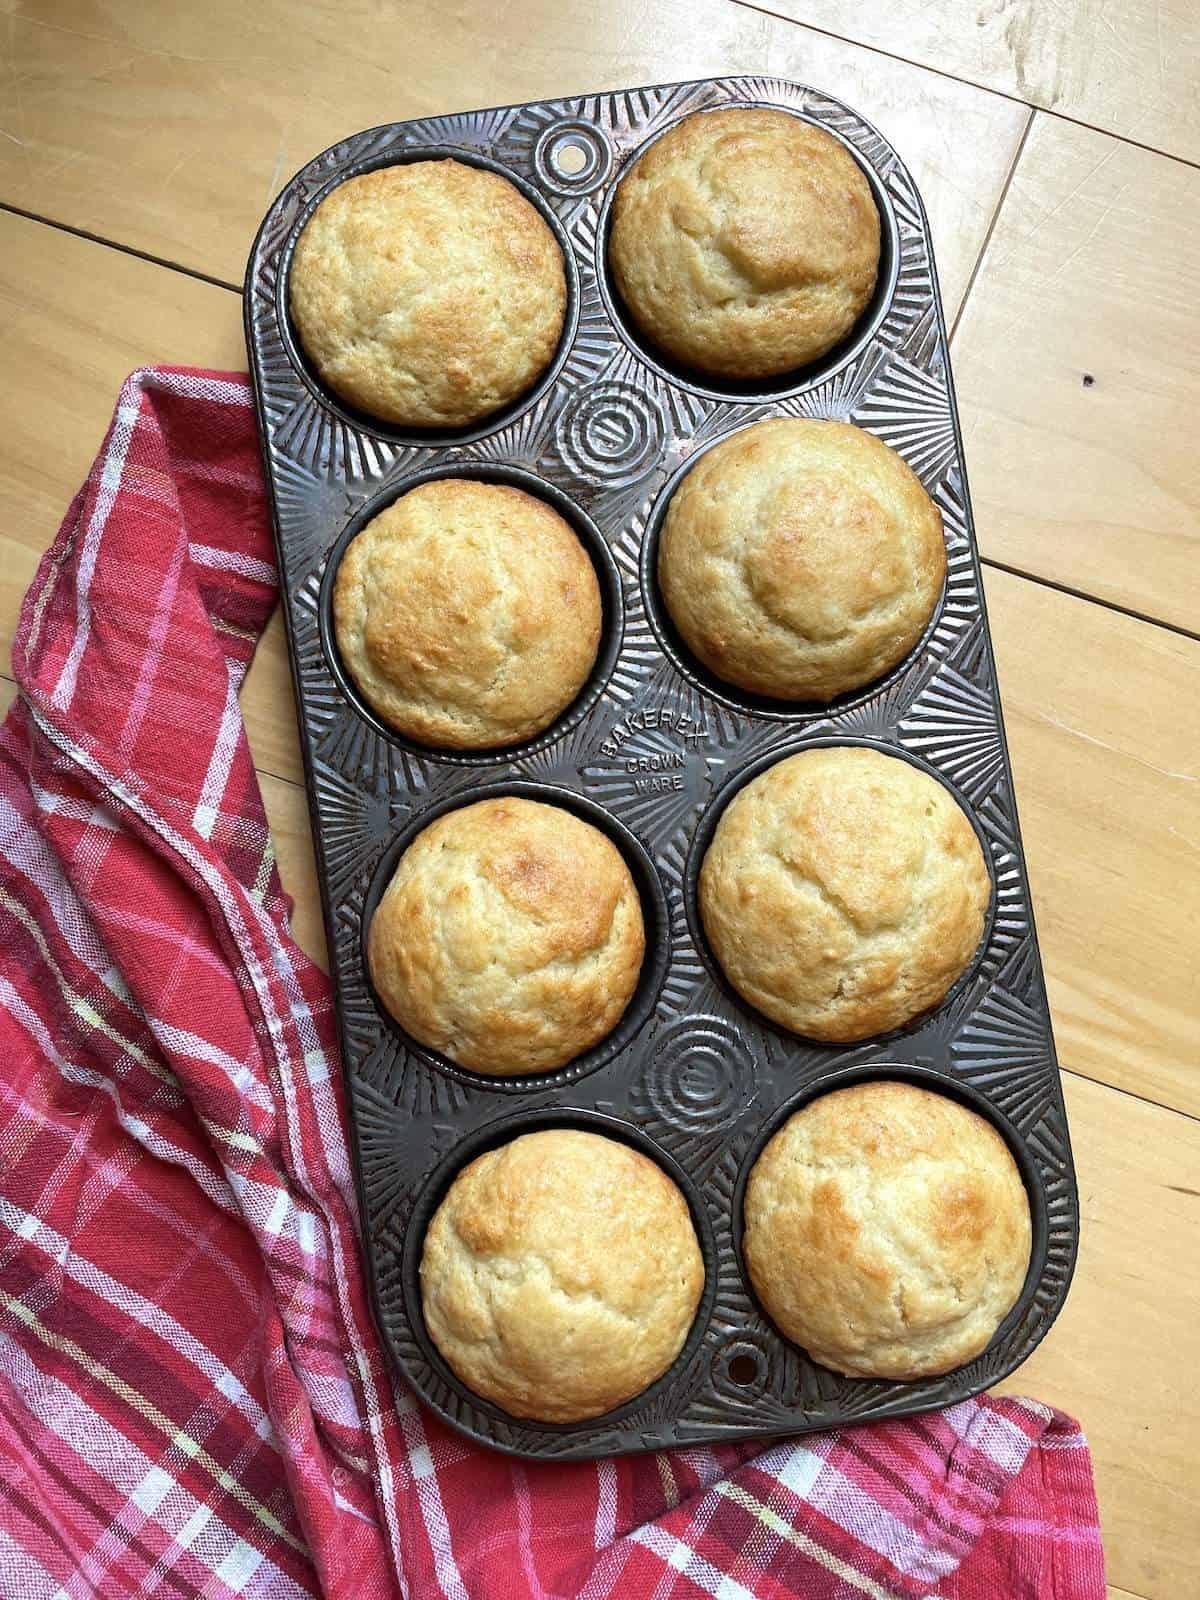 A pan of buttermilk muffins.